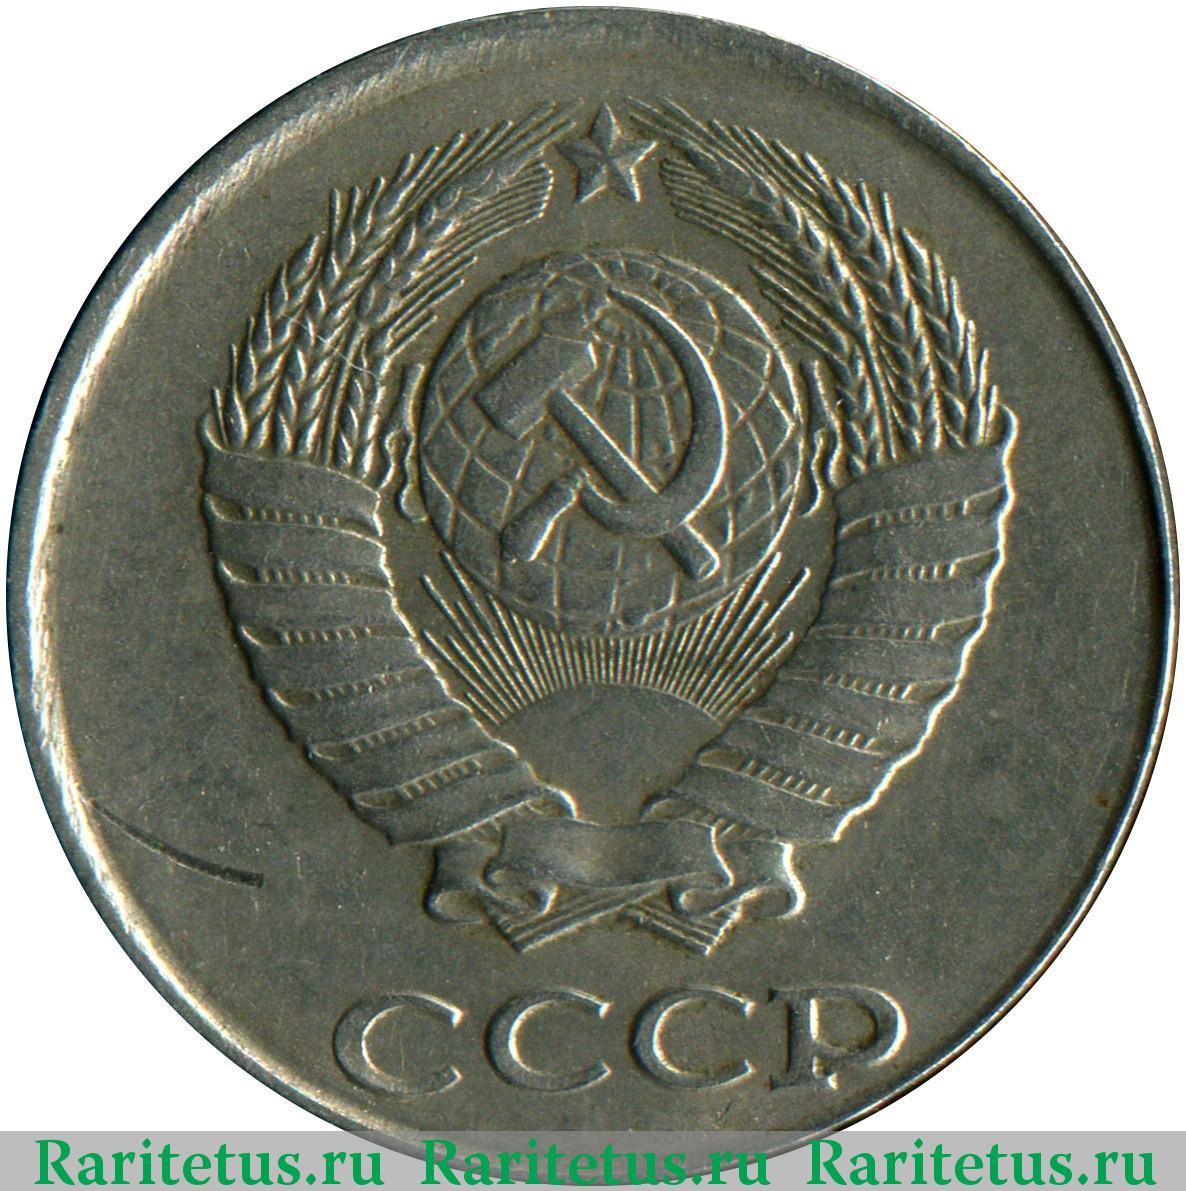 Сколько стоит 2 копейки 1988 года цена coins mania я